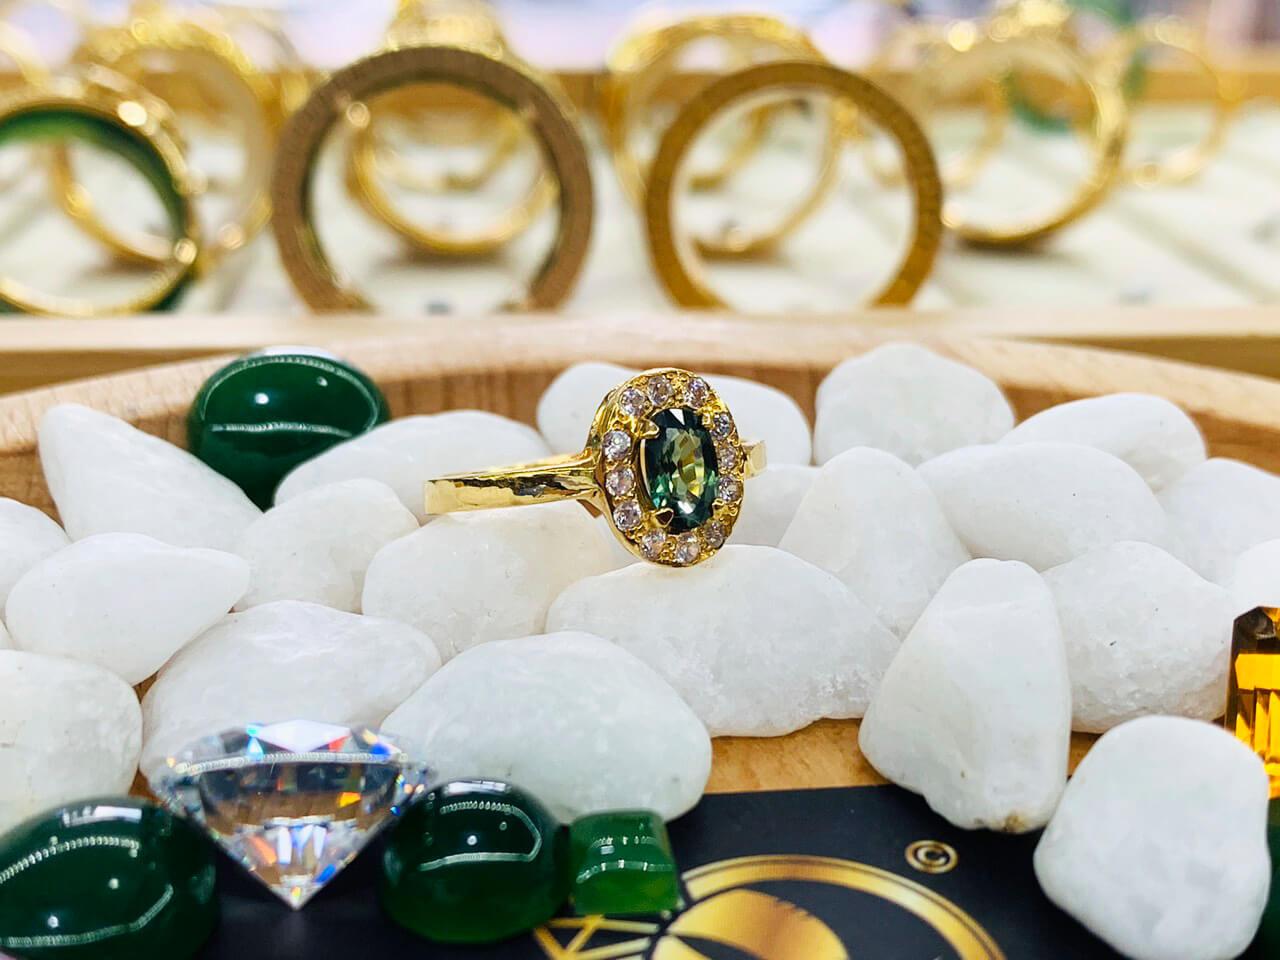 Nhẫn nữ vàng 18K đính Sapphire xanh chuối Phan Thiết độc lạ